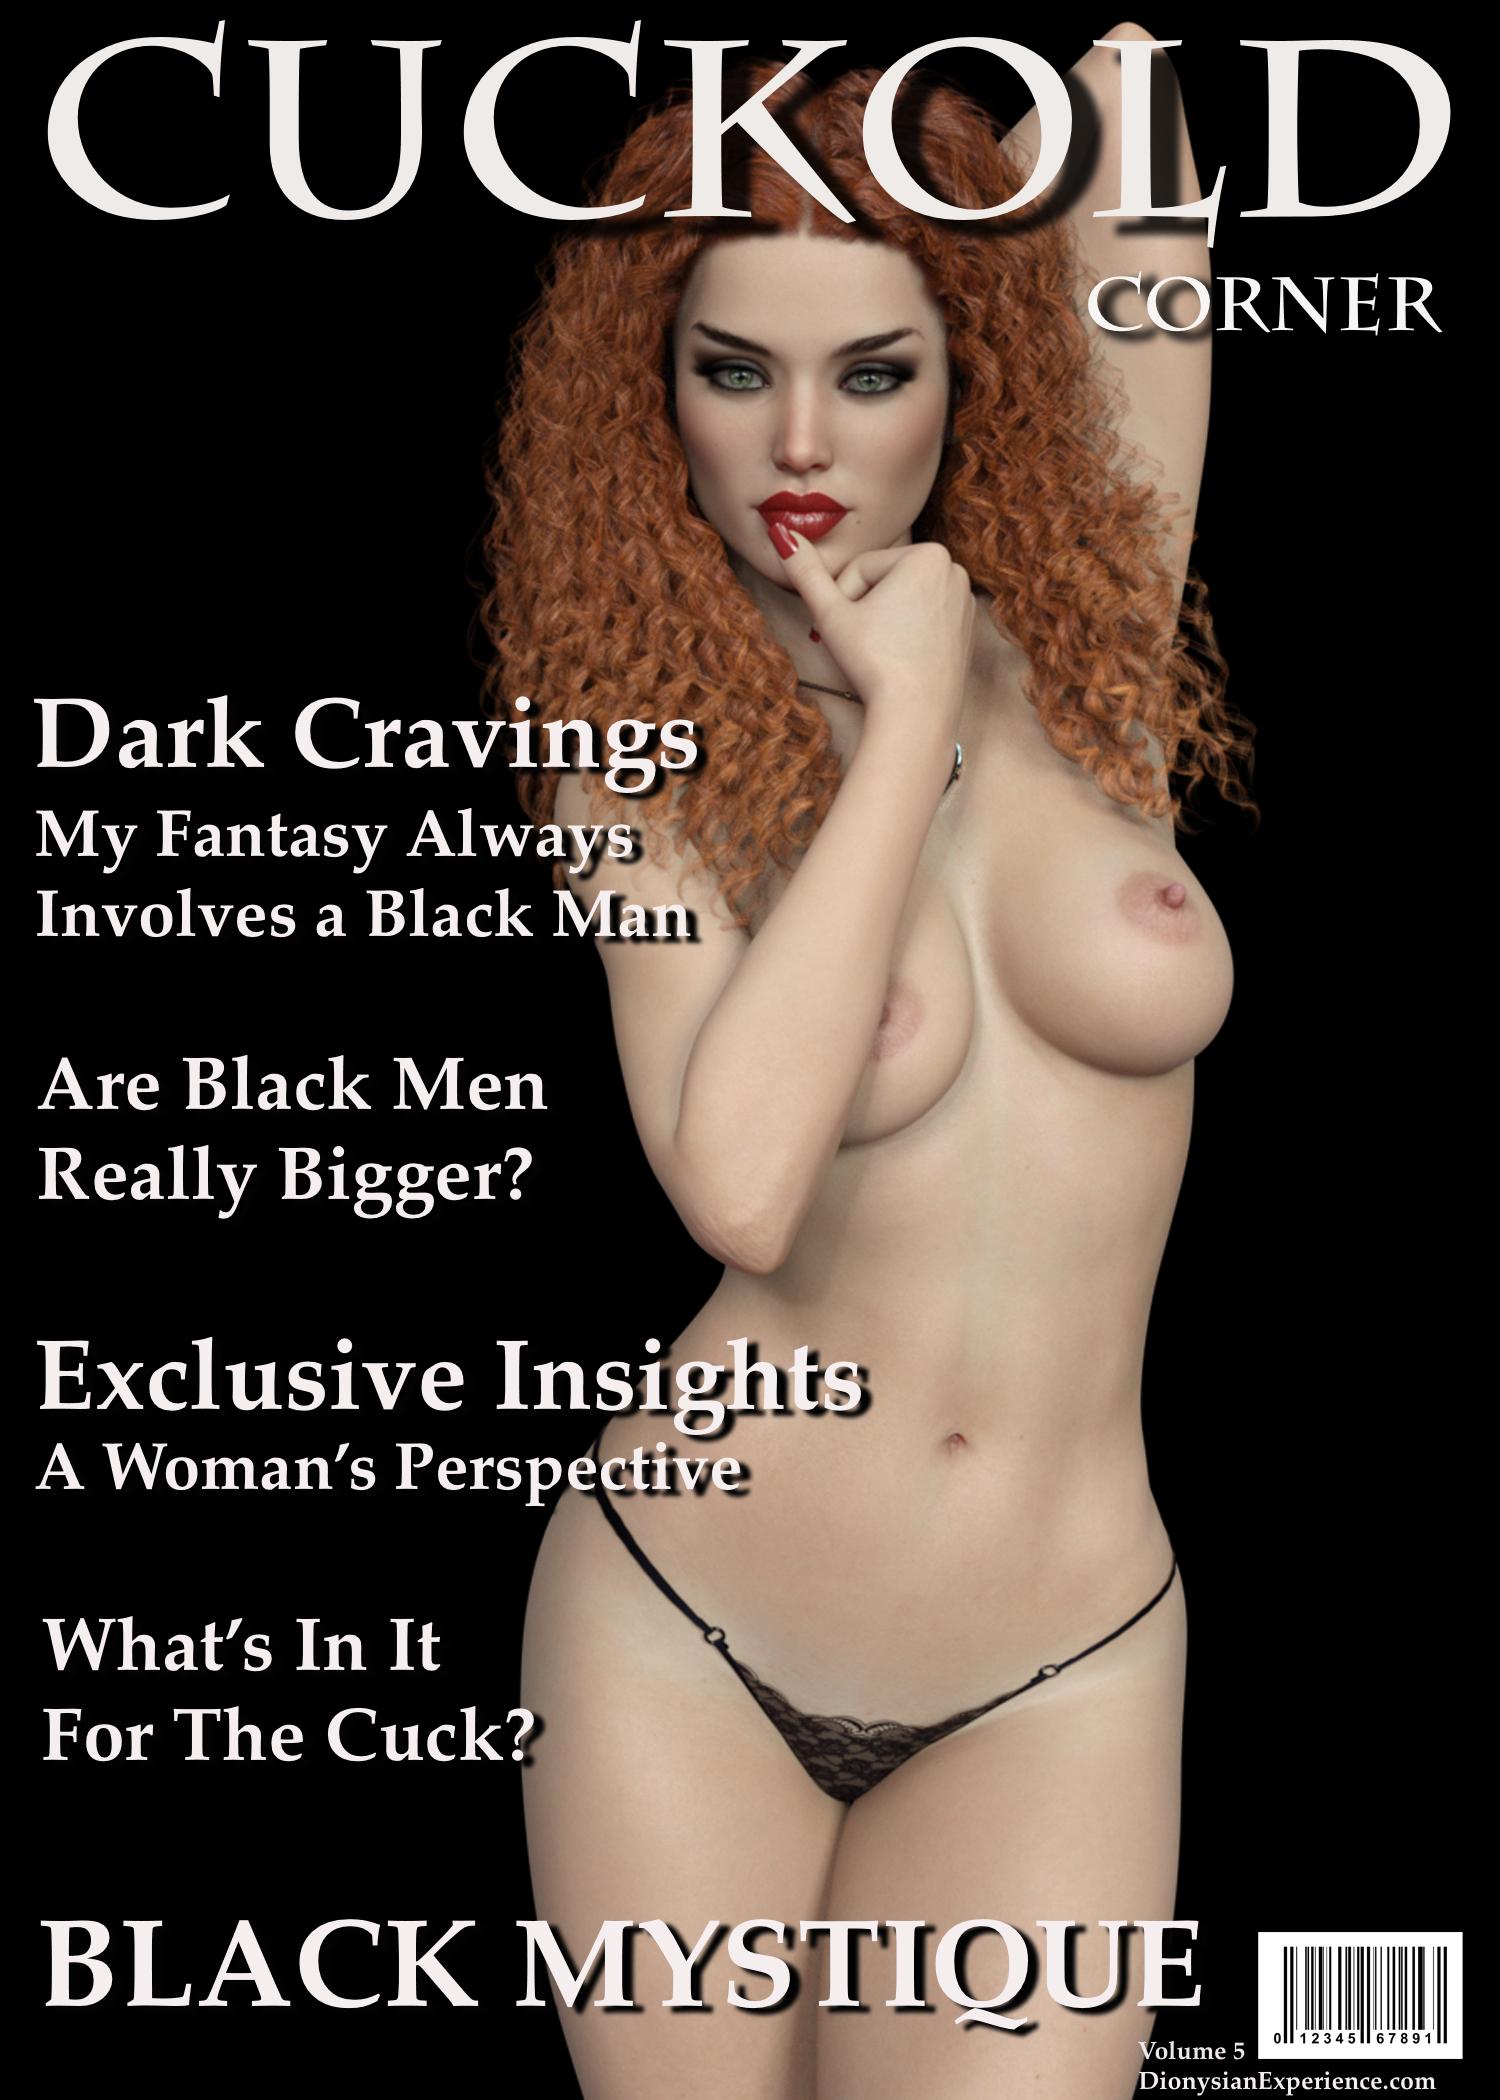 Cuckold Corner – Amanda & The Black Mystique